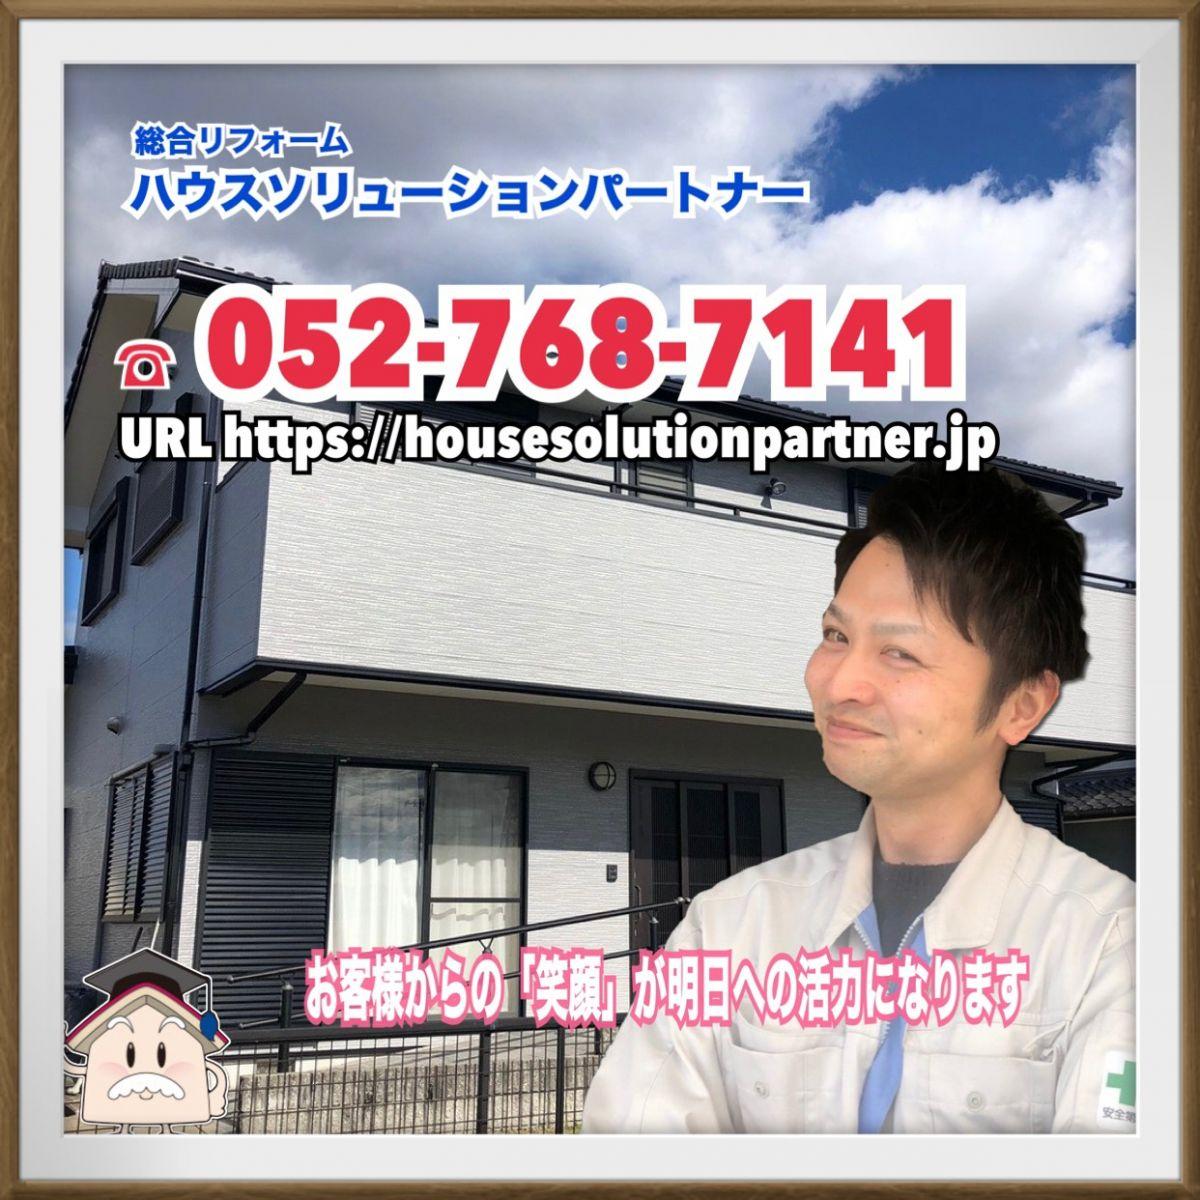 jirei_image53076